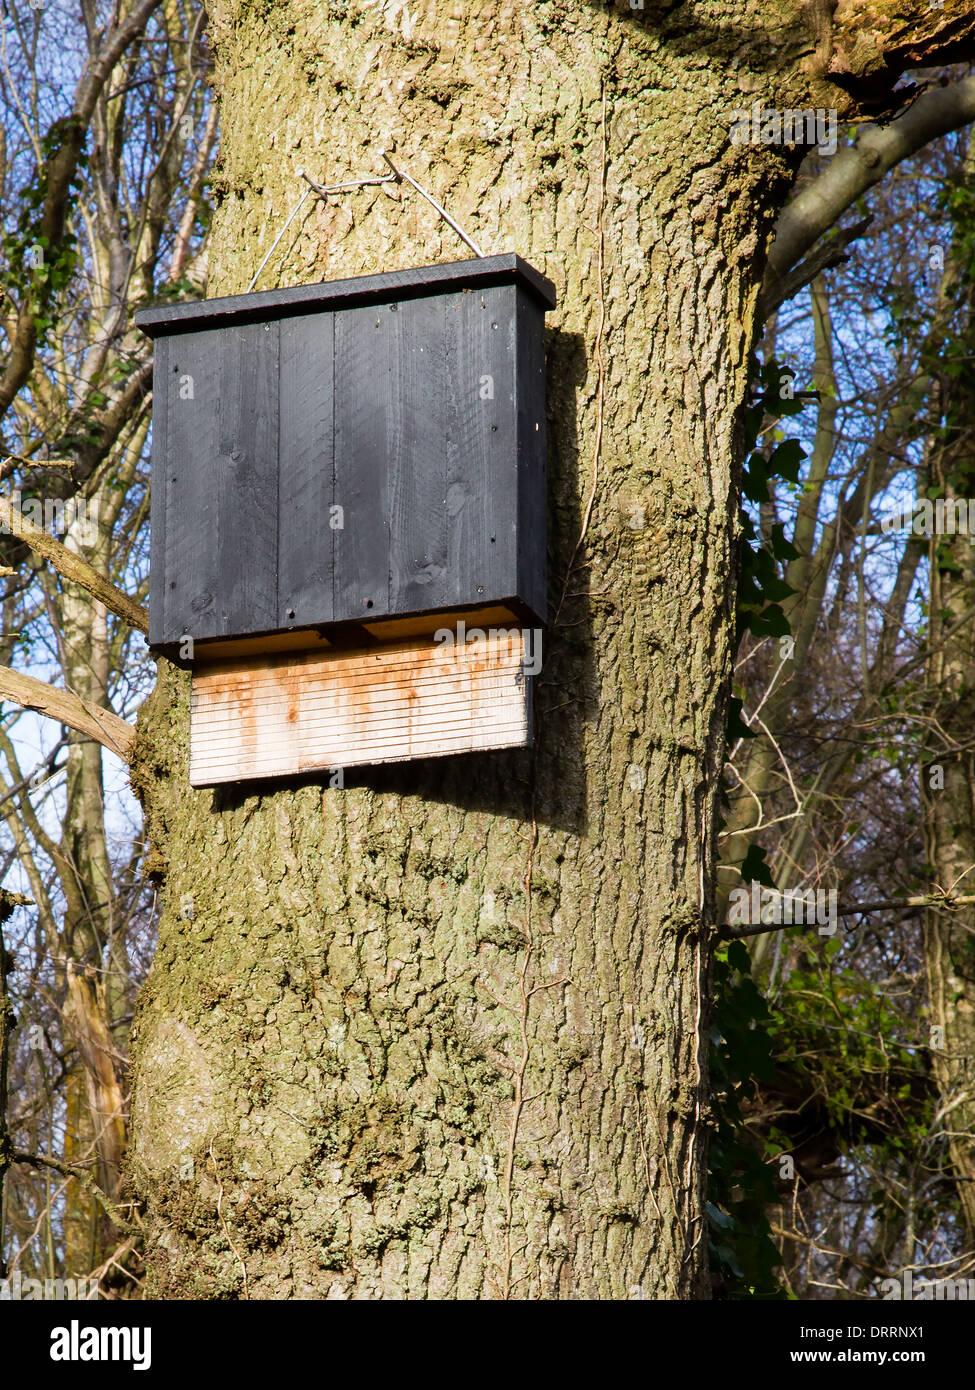 Grande salle commune bat fort généreux avec plaque d'atterrissage perchée le tronc d'un chêne dans un bois Somerset Photo Stock